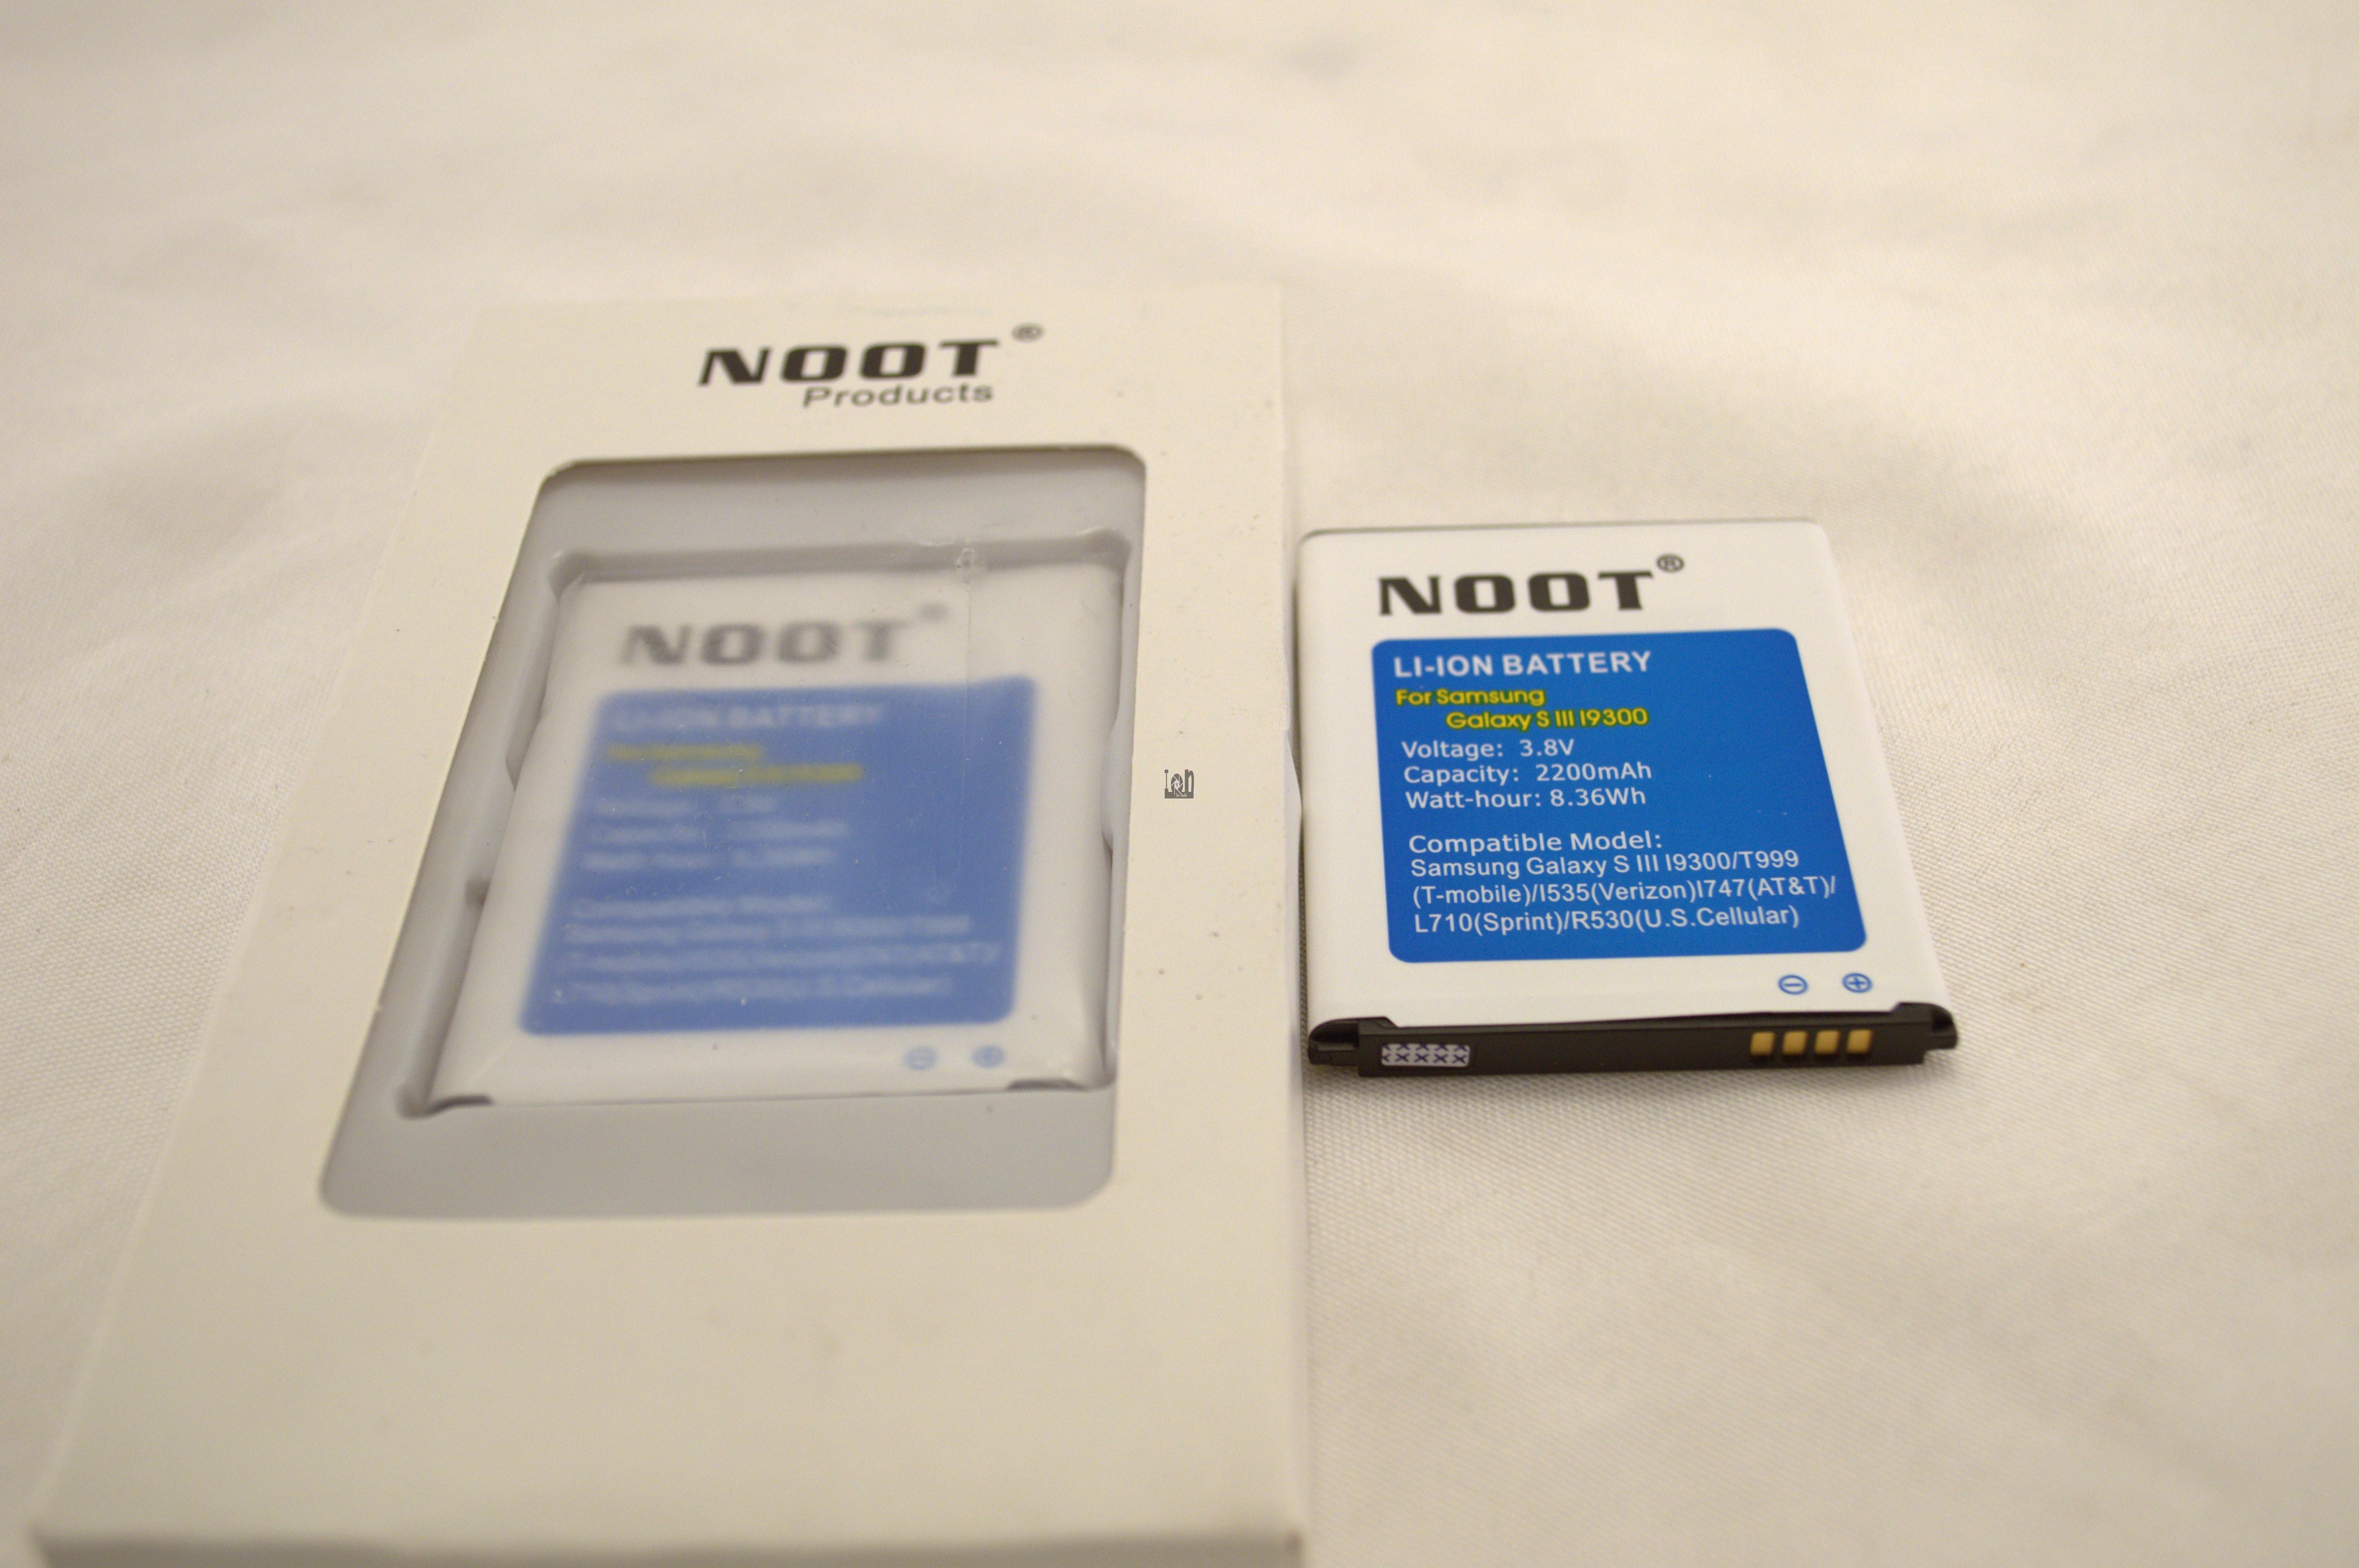 Noot Battery